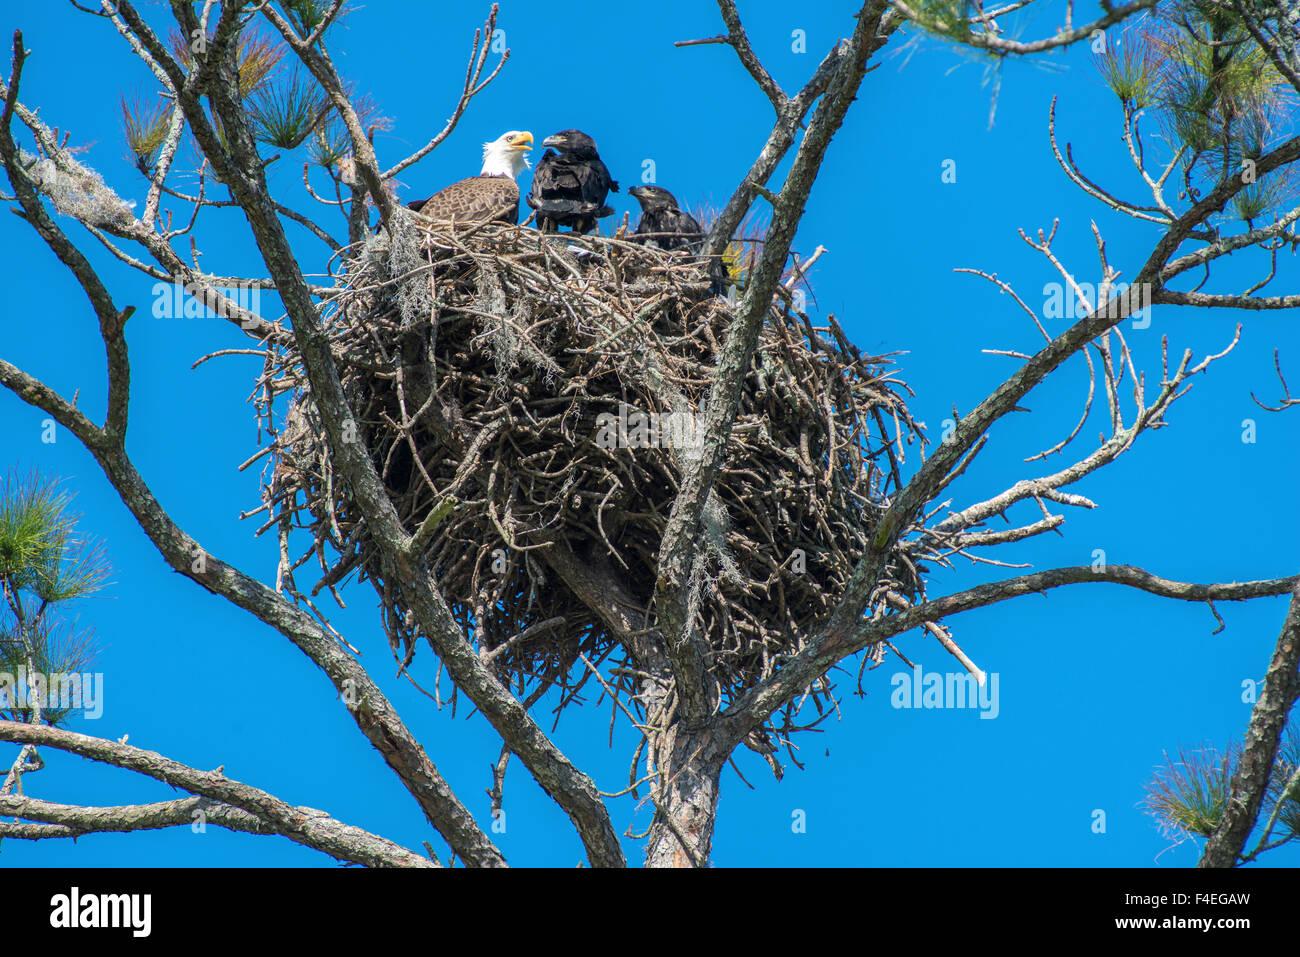 Usa Florida Daytona Bald Eagle On Nest Large Format Sizes Stock